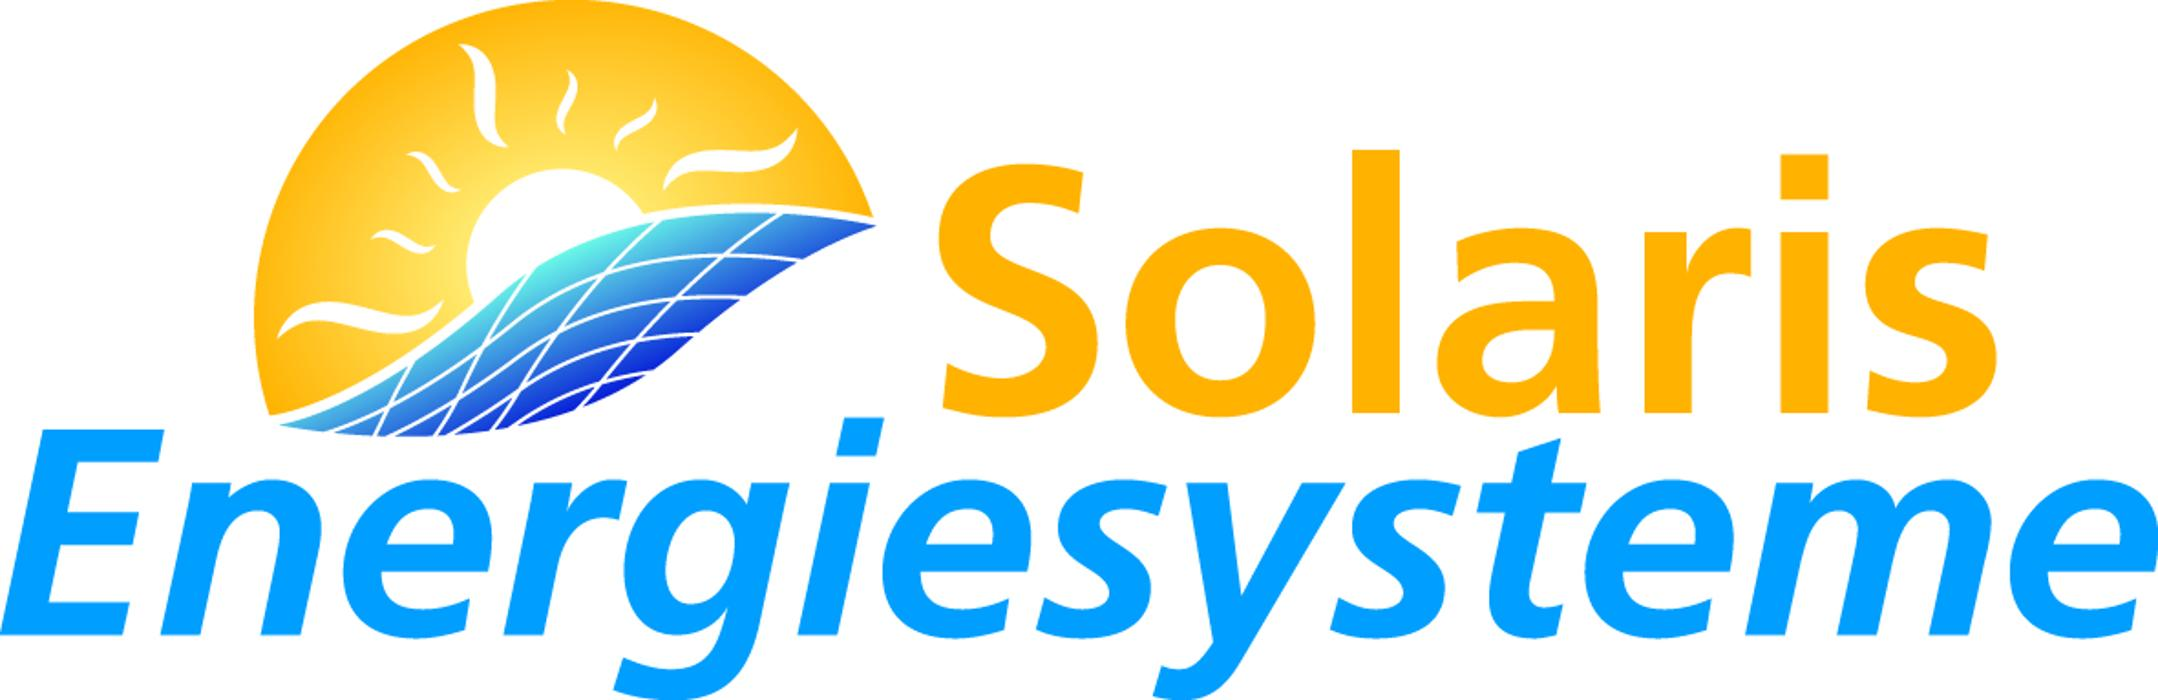 Bild zu Solaris Energiesysteme GmbH in Baden-Baden